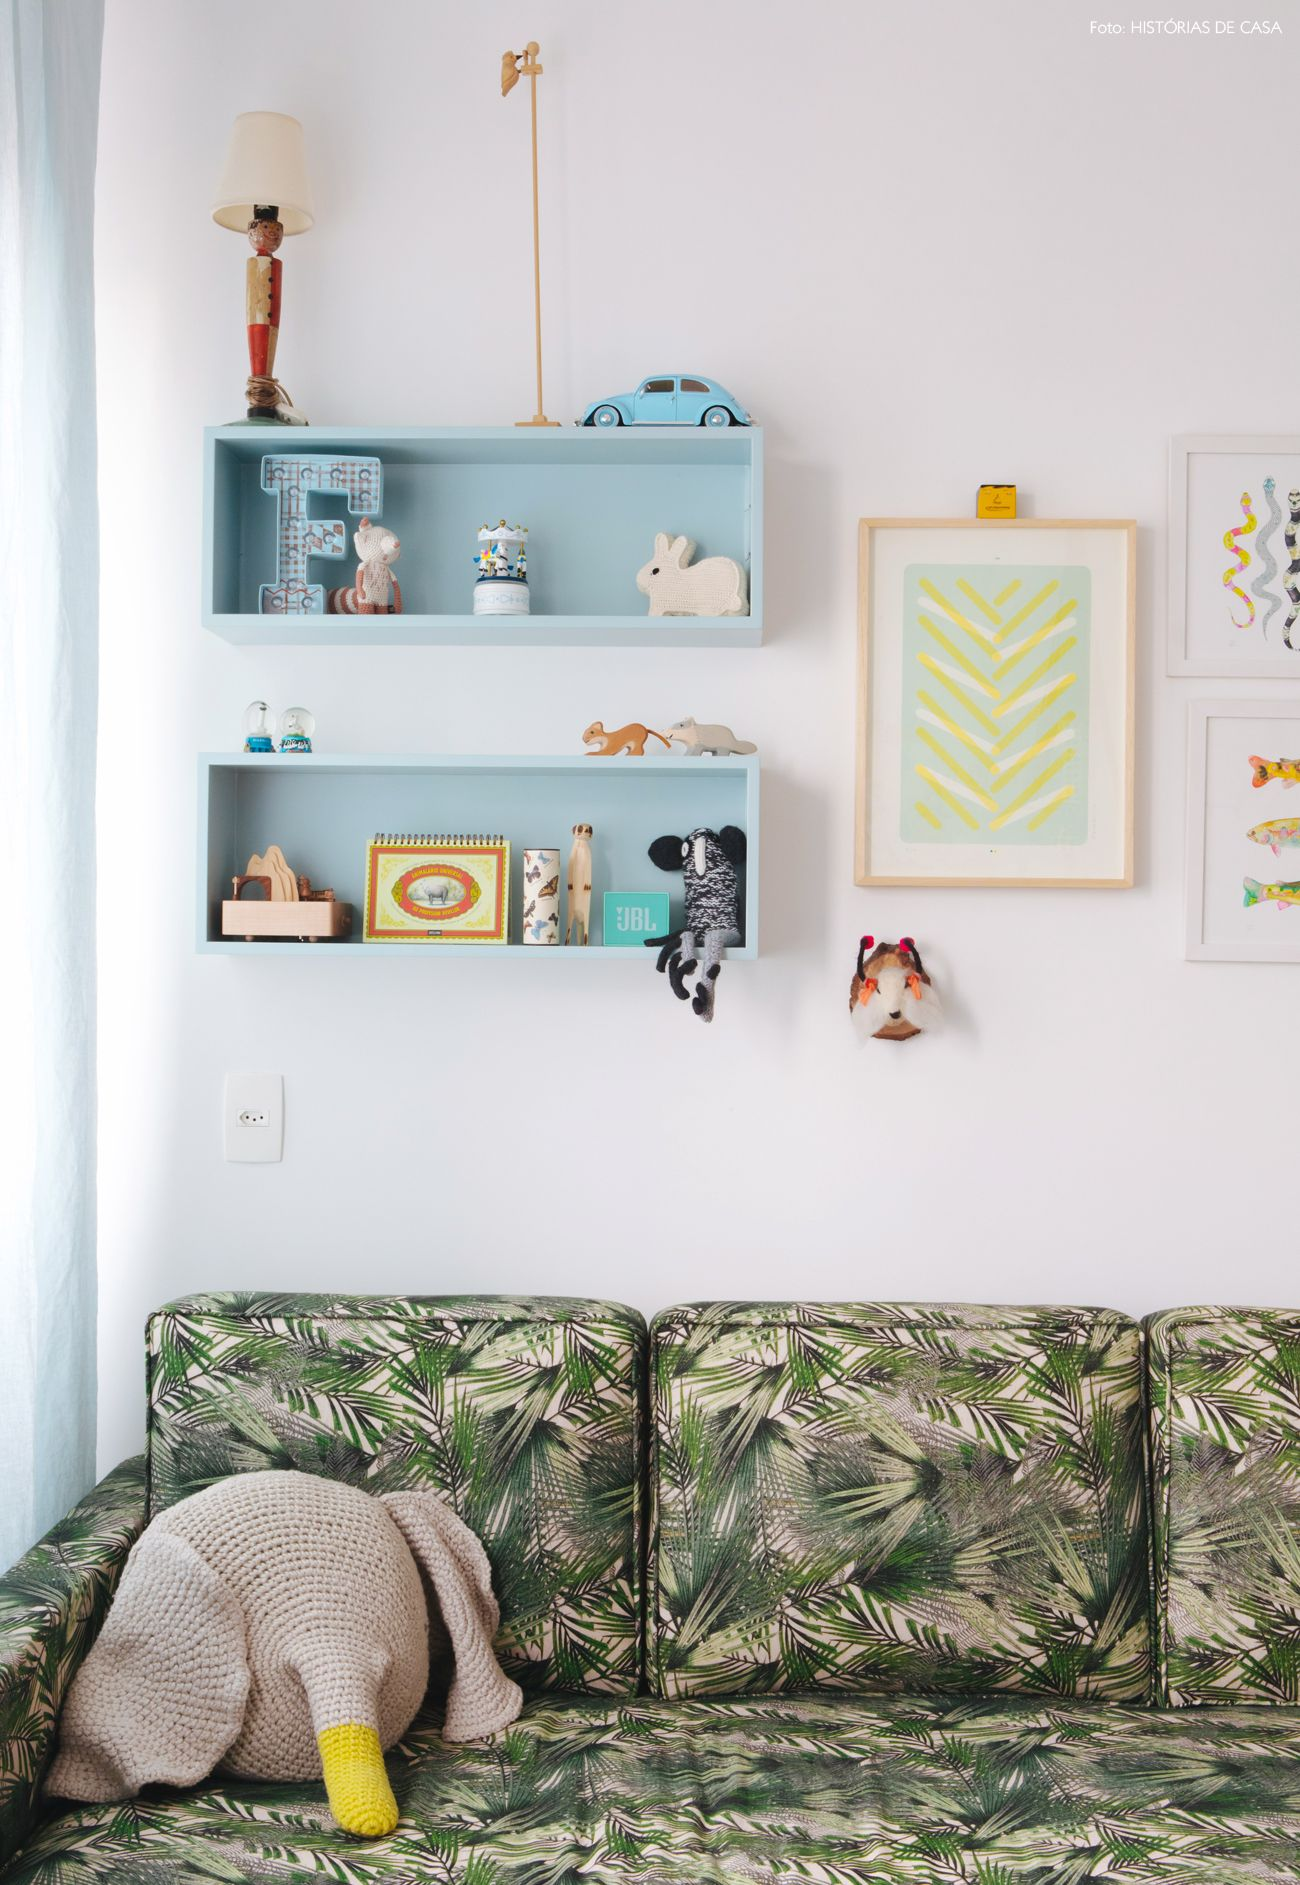 34-decoracao-quarto-de-bebe-sofa-estampado-quadros